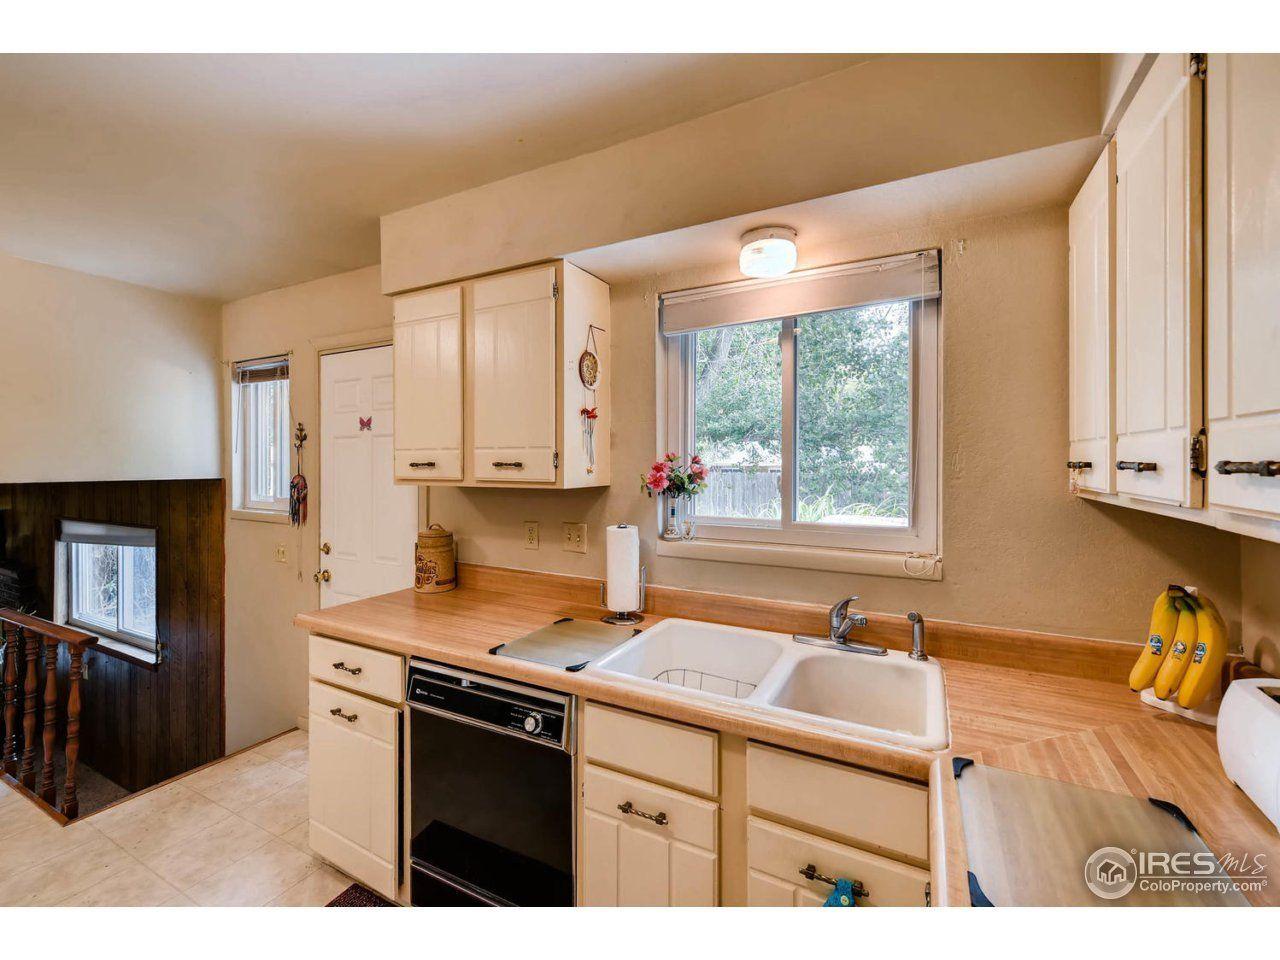 1324 S Lincoln St, Longmont, CO 80501 3 beds/3 baths